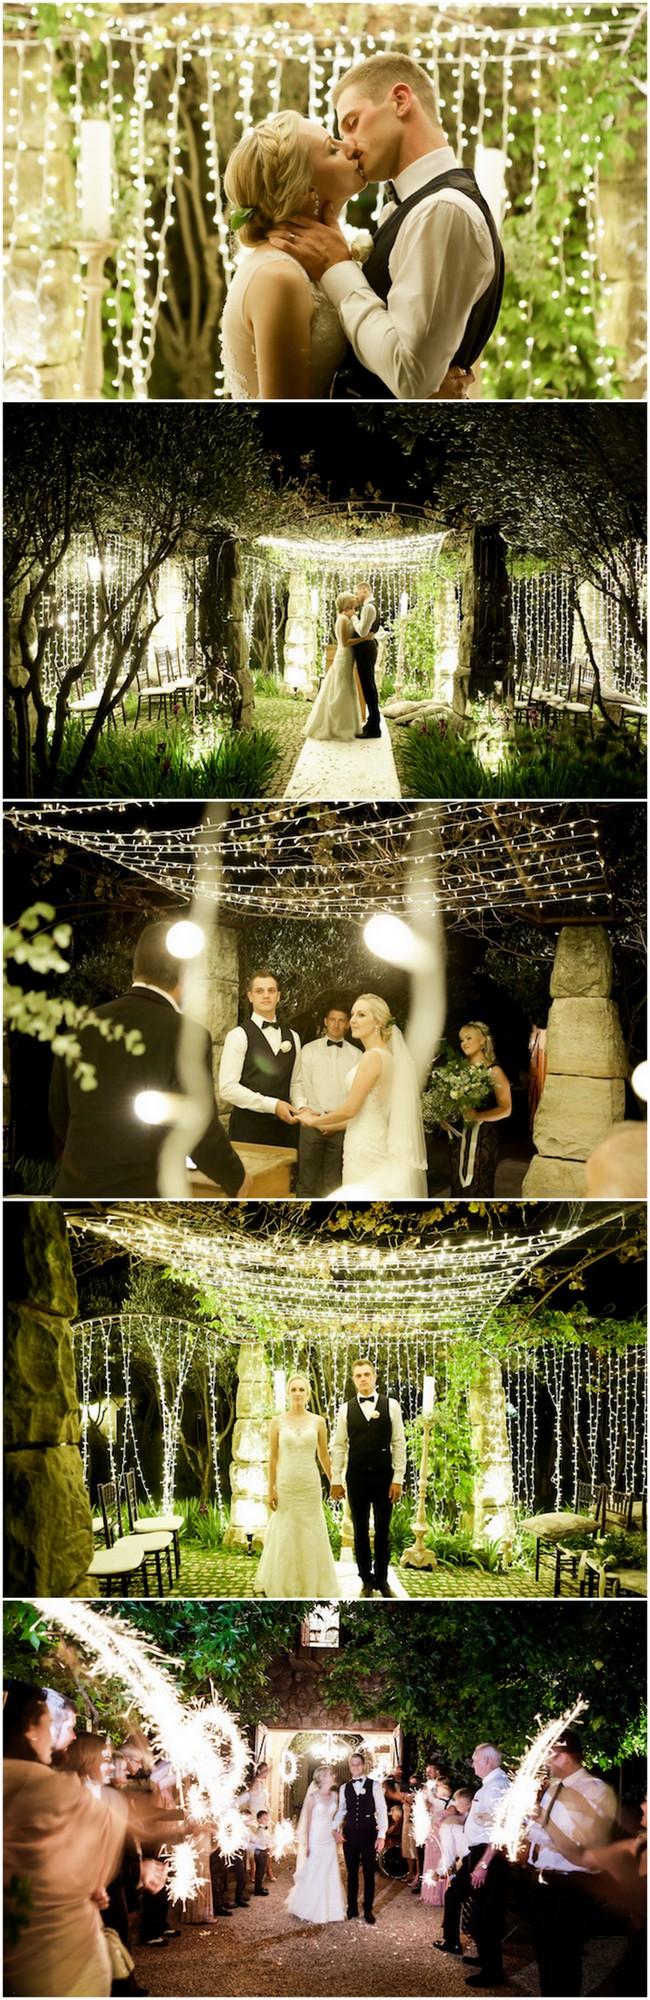 Outdoor Night Wedding